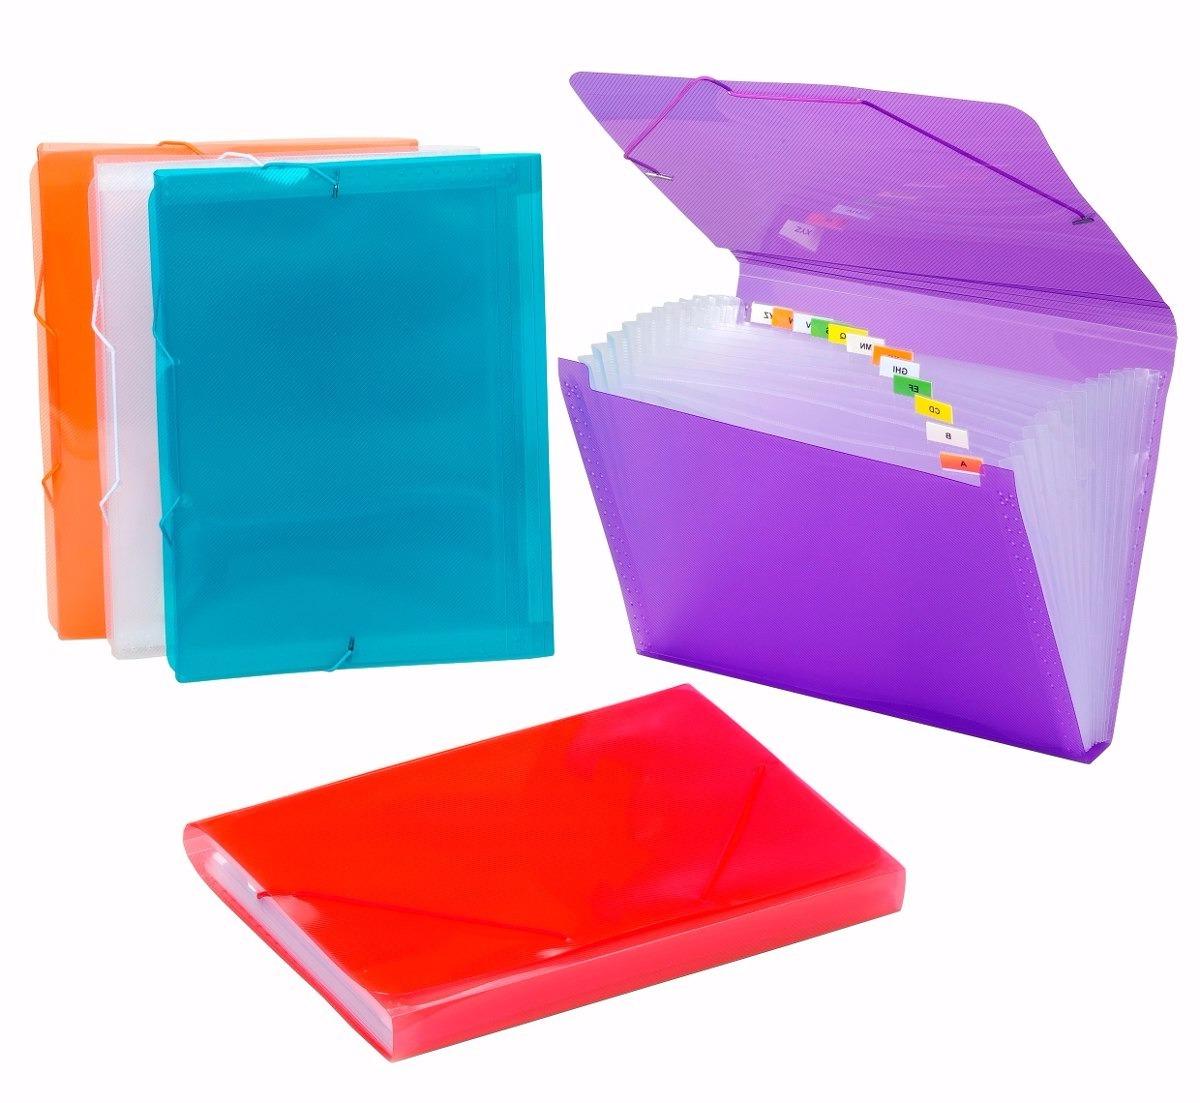 Archivadores De Plastico Bqdd Archivador De Plastico Tipo Acordeon Bs 1 85 En Mercado Libre